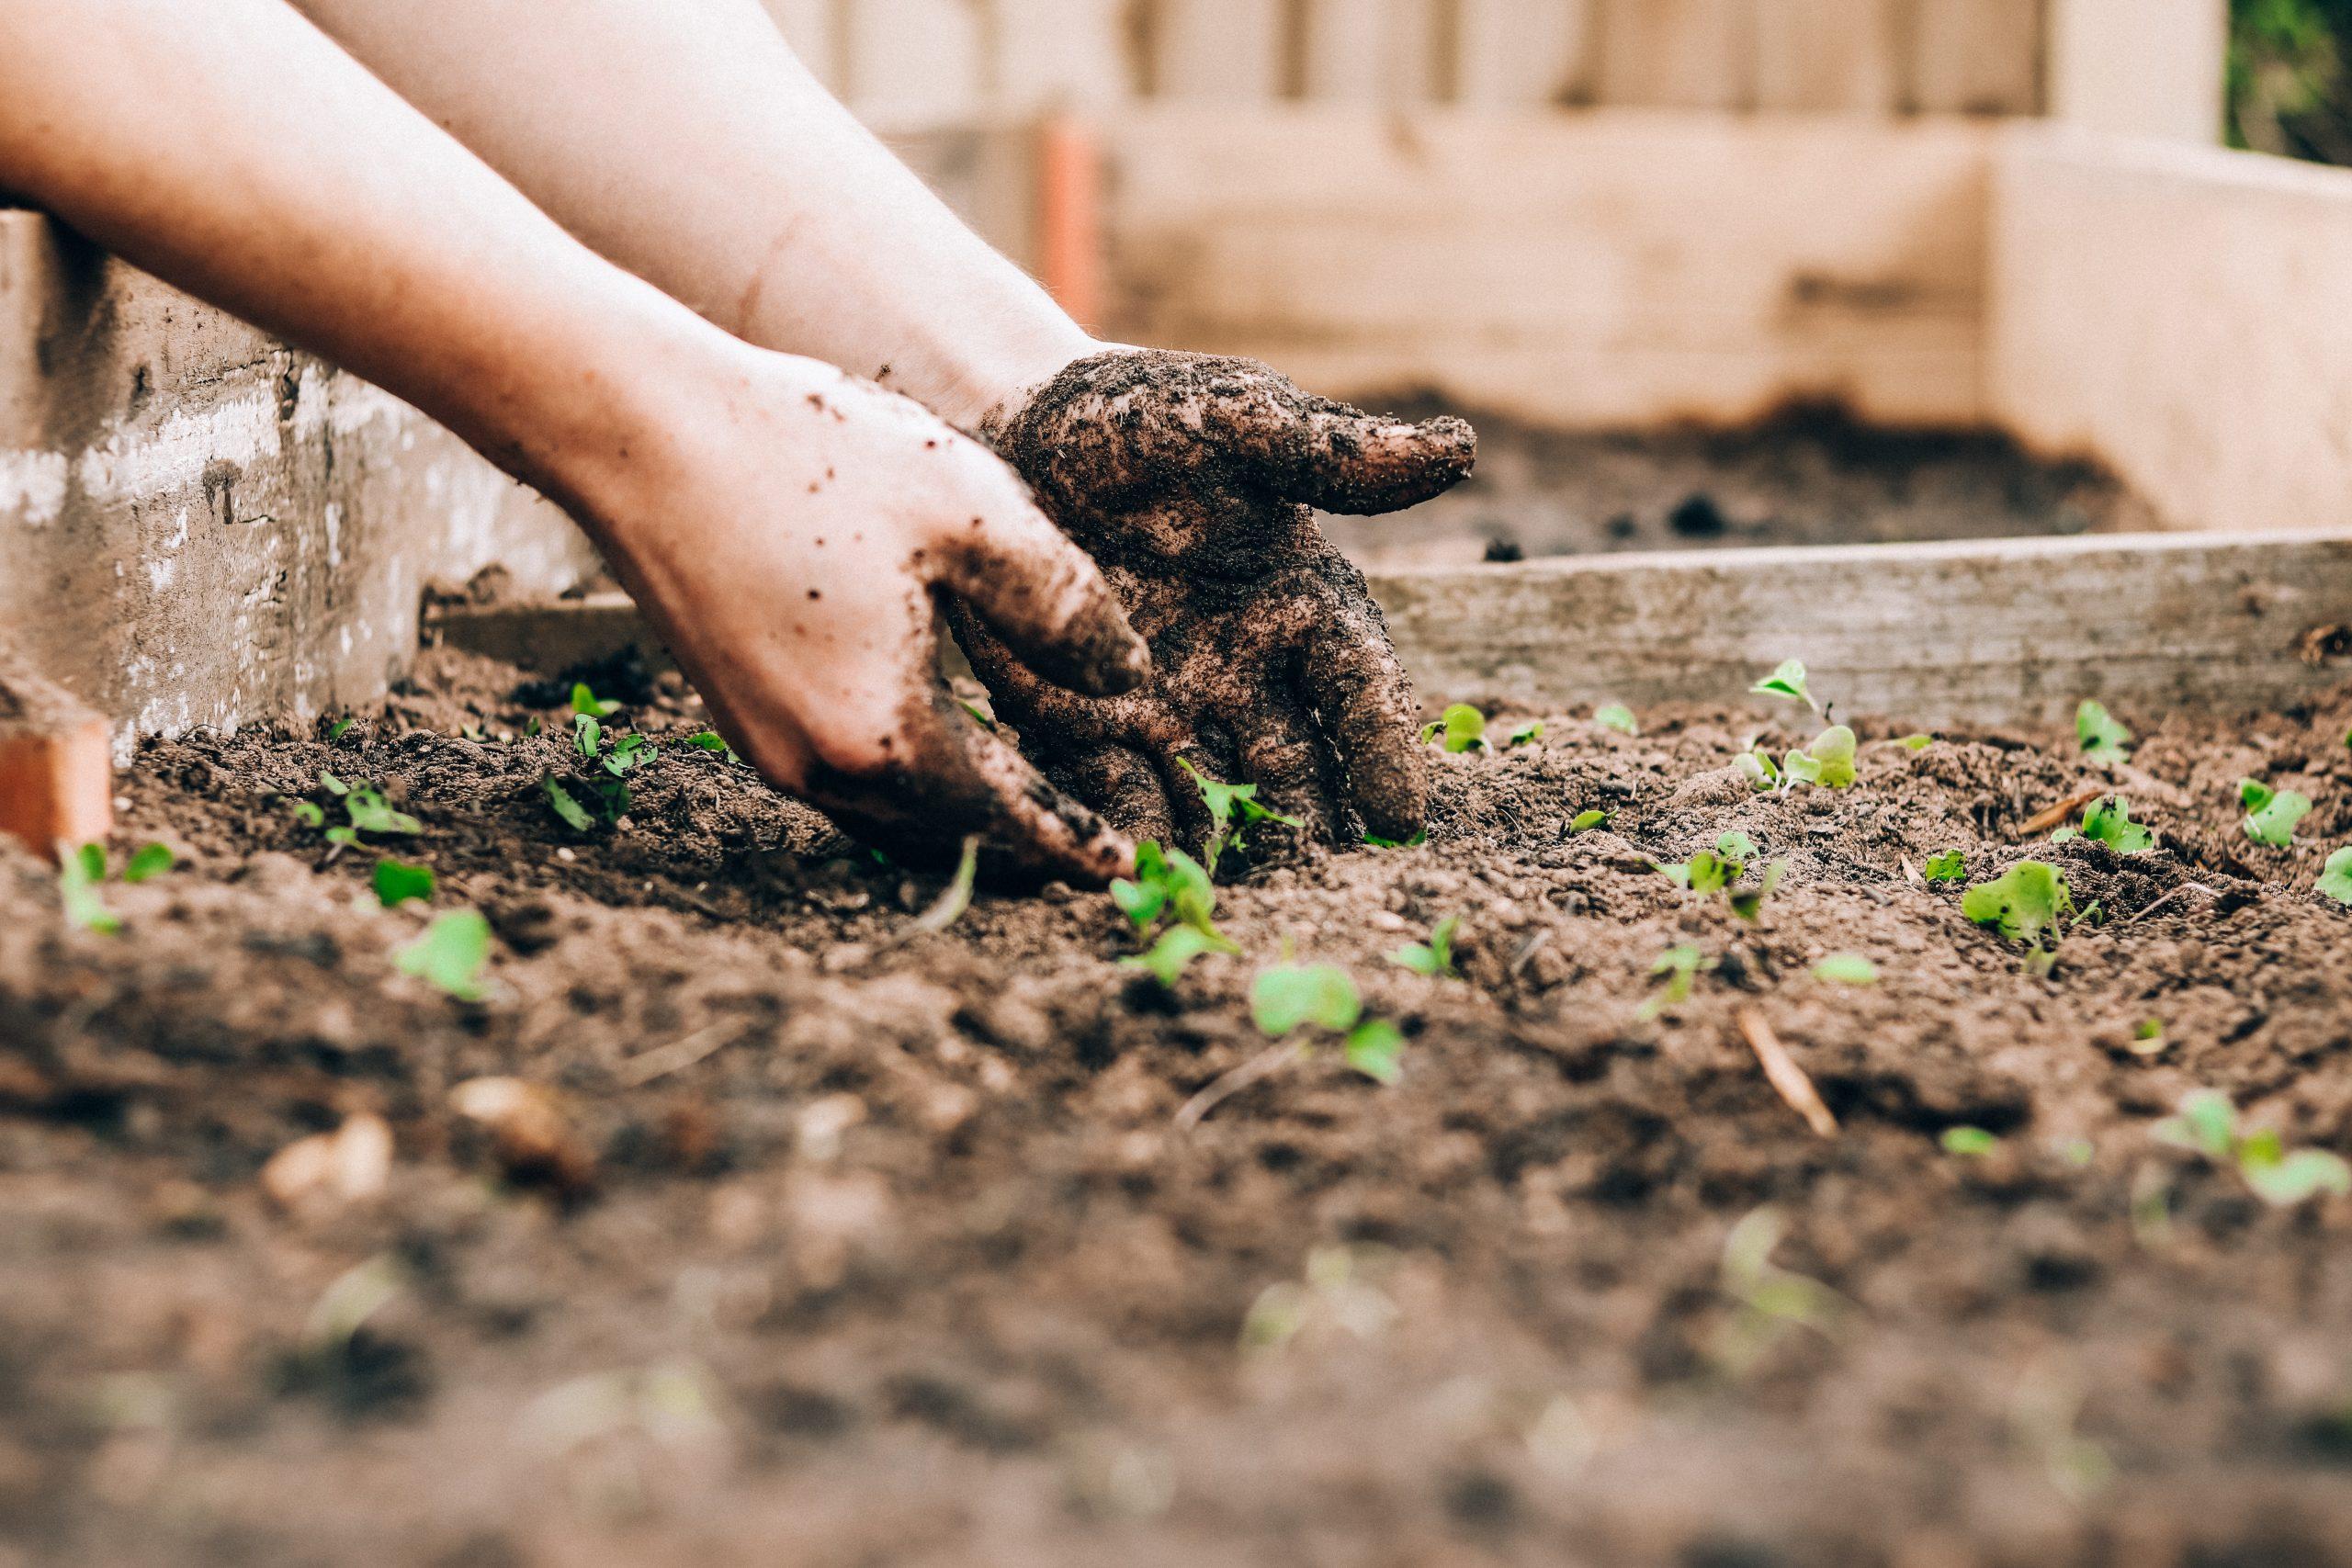 Hands digging in garden dirt